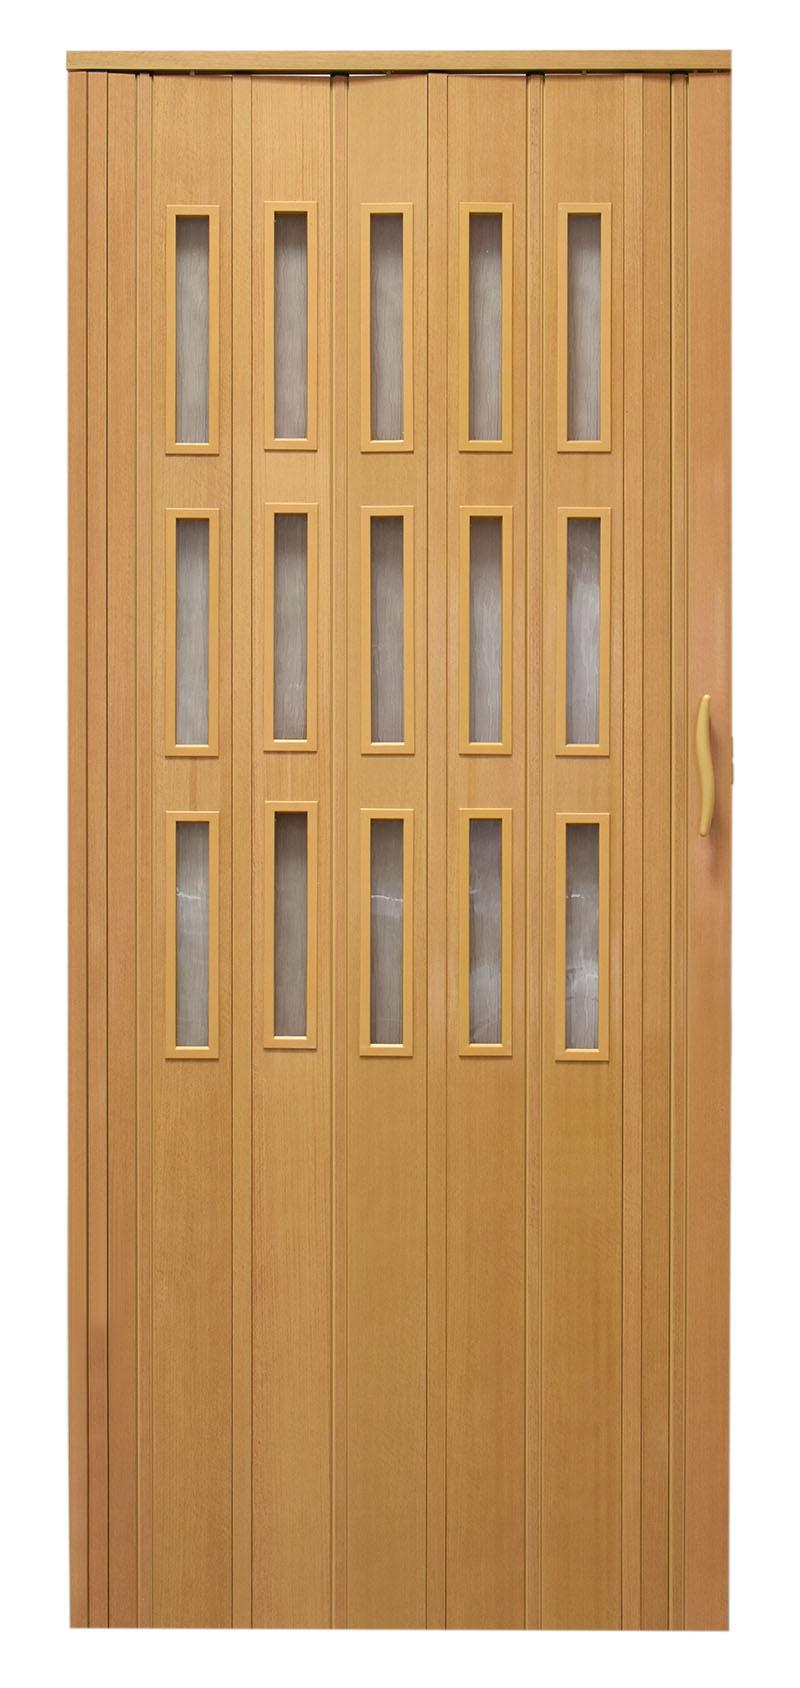 Drzwi harmonijkowe 008S 8671 Buk Mat 80 cm